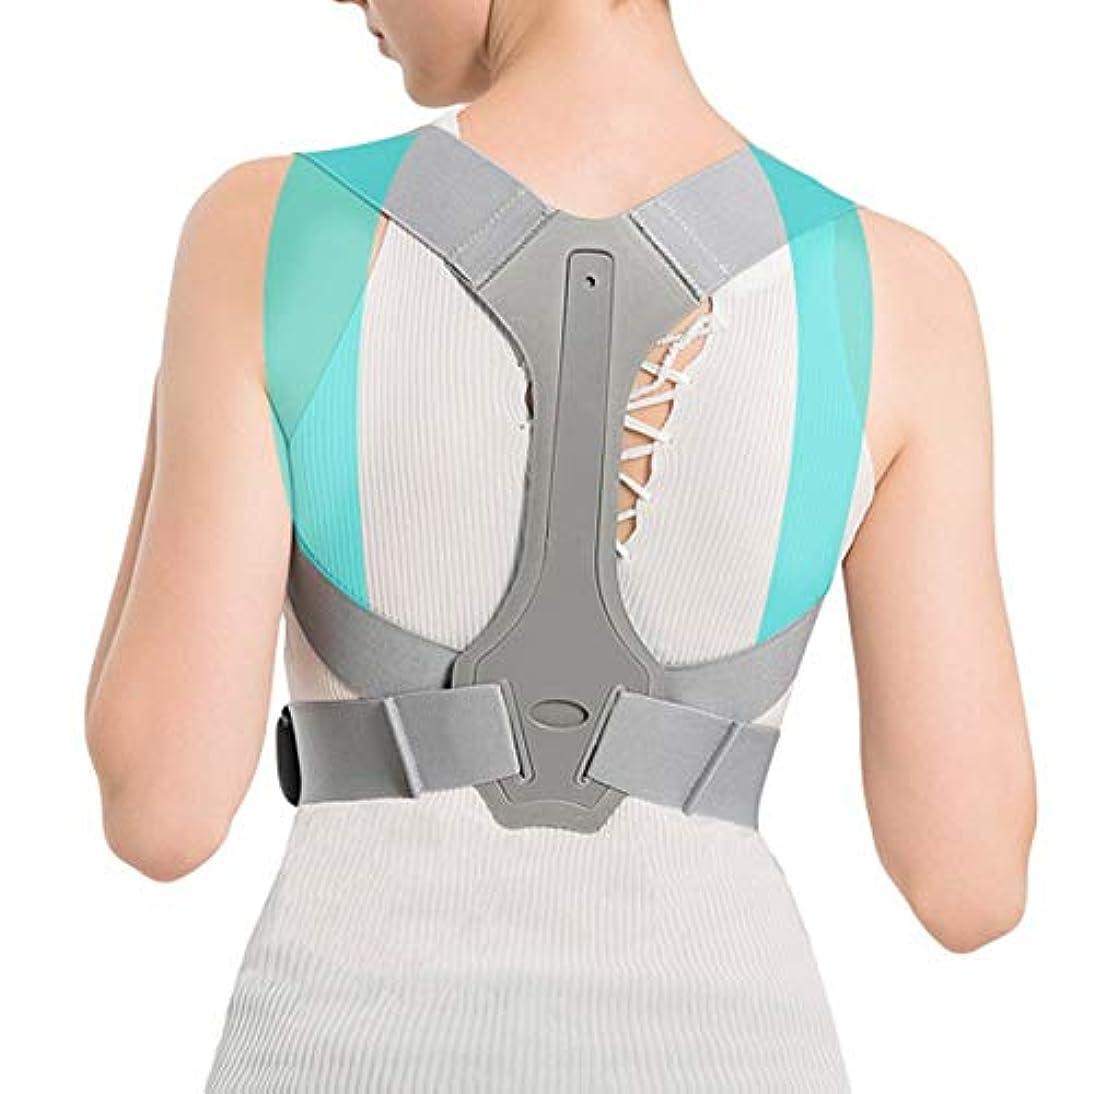 姿勢矯正器 姿勢補正装置 - 背中修正ベルト反ハンパックの通気性のある大人の学生の座位位置ストレートバック補正ベルト(S、M、Lスリーサイズ選択) (サイズ さいず : S s)